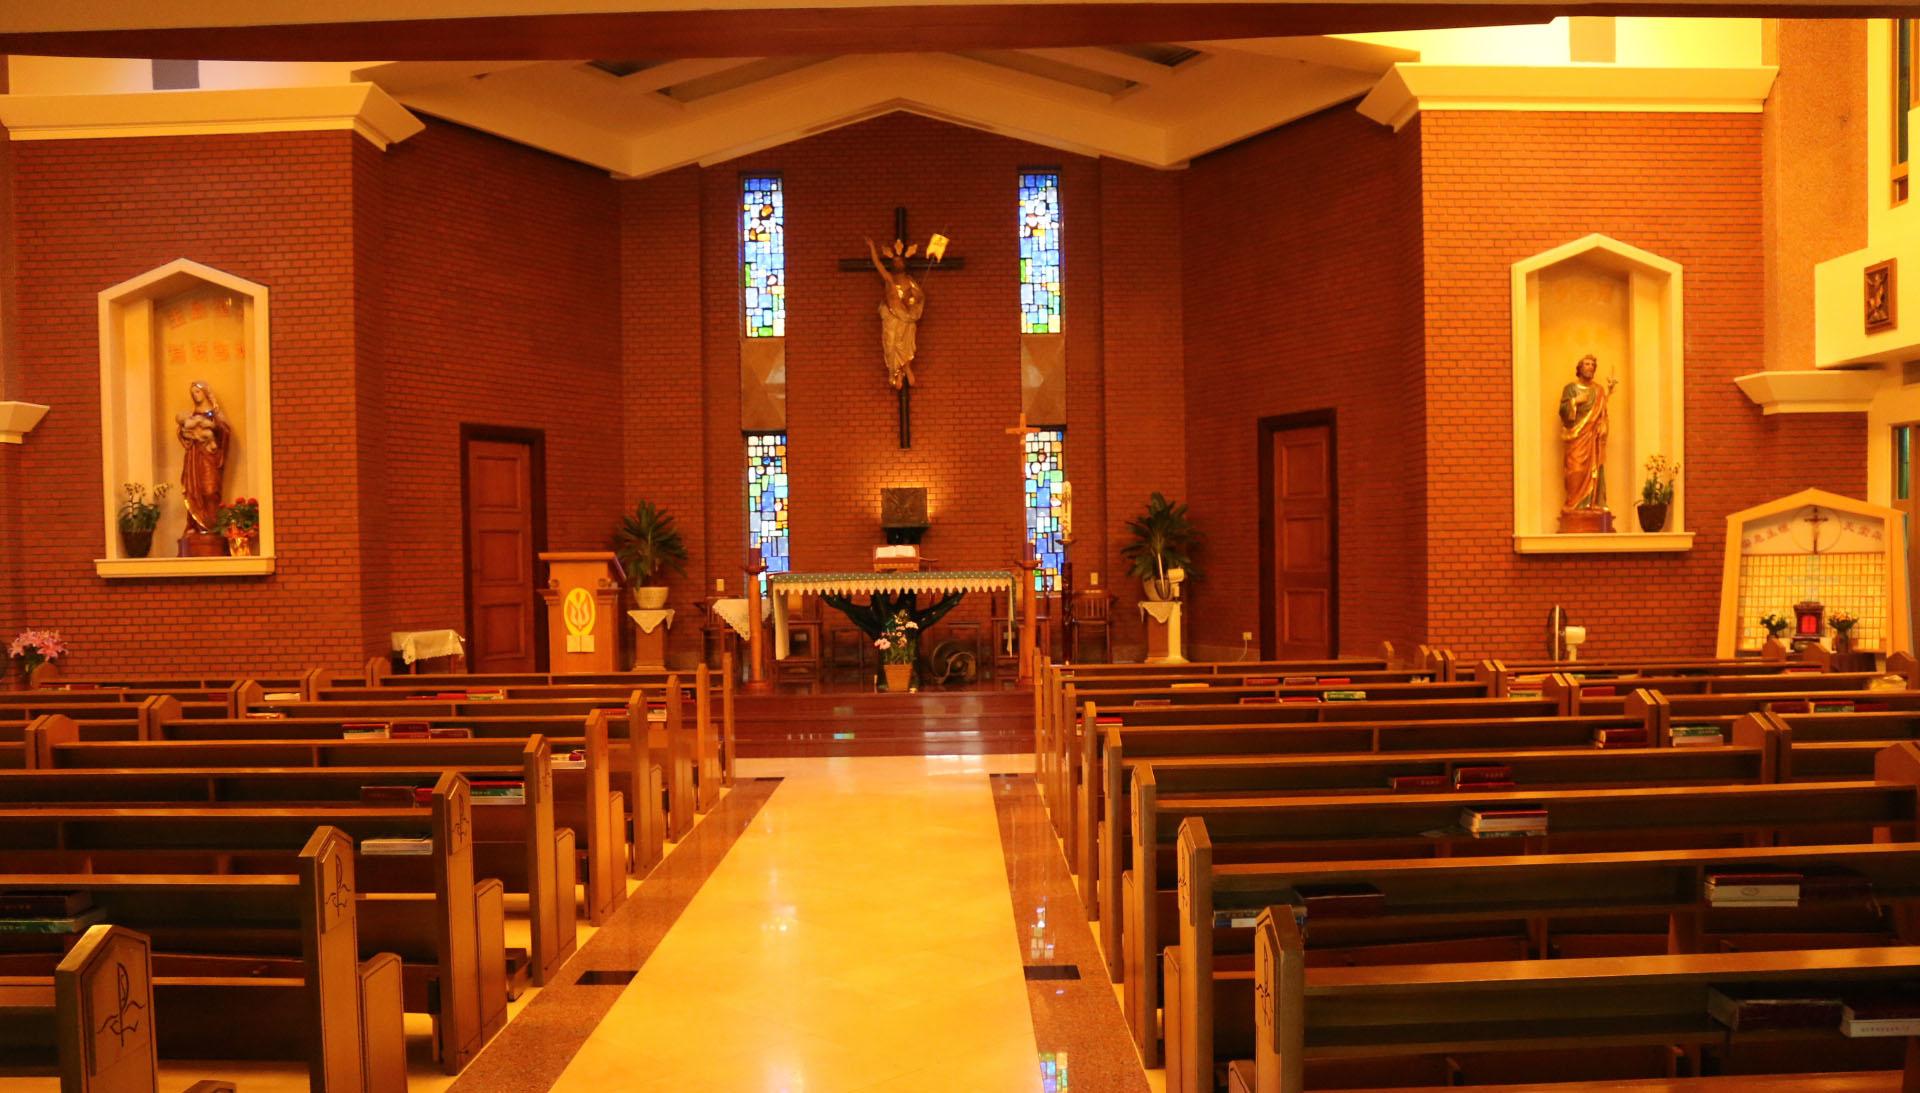 社區大學內除了教室空間外,裡面設有大教堂,提供信徒使用。攝影/陳沛婍